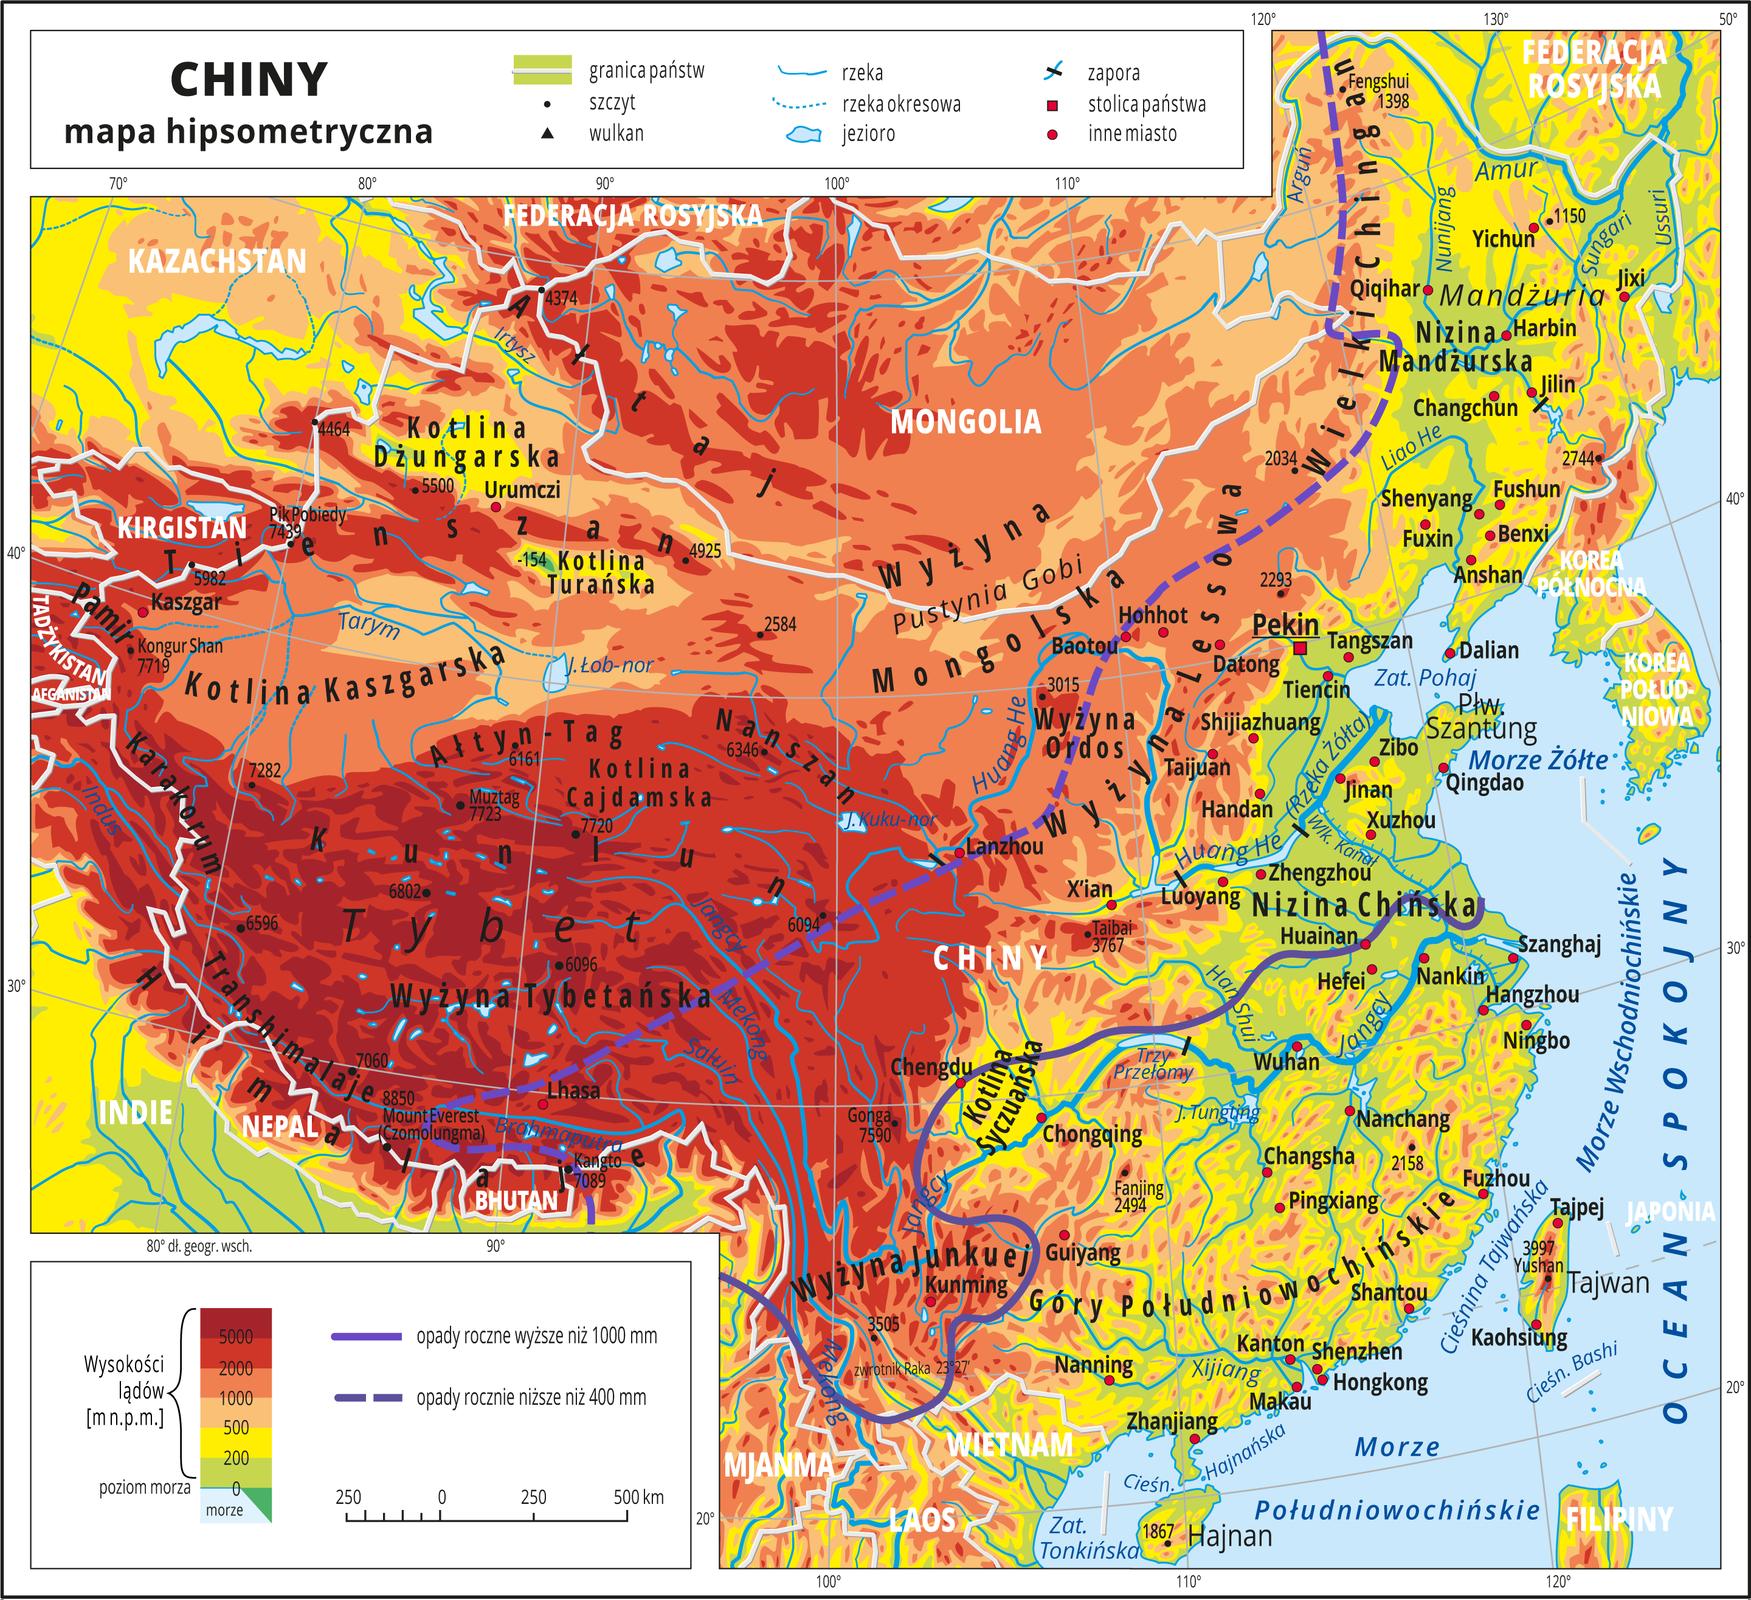 Mapa hipsometryczna Chin